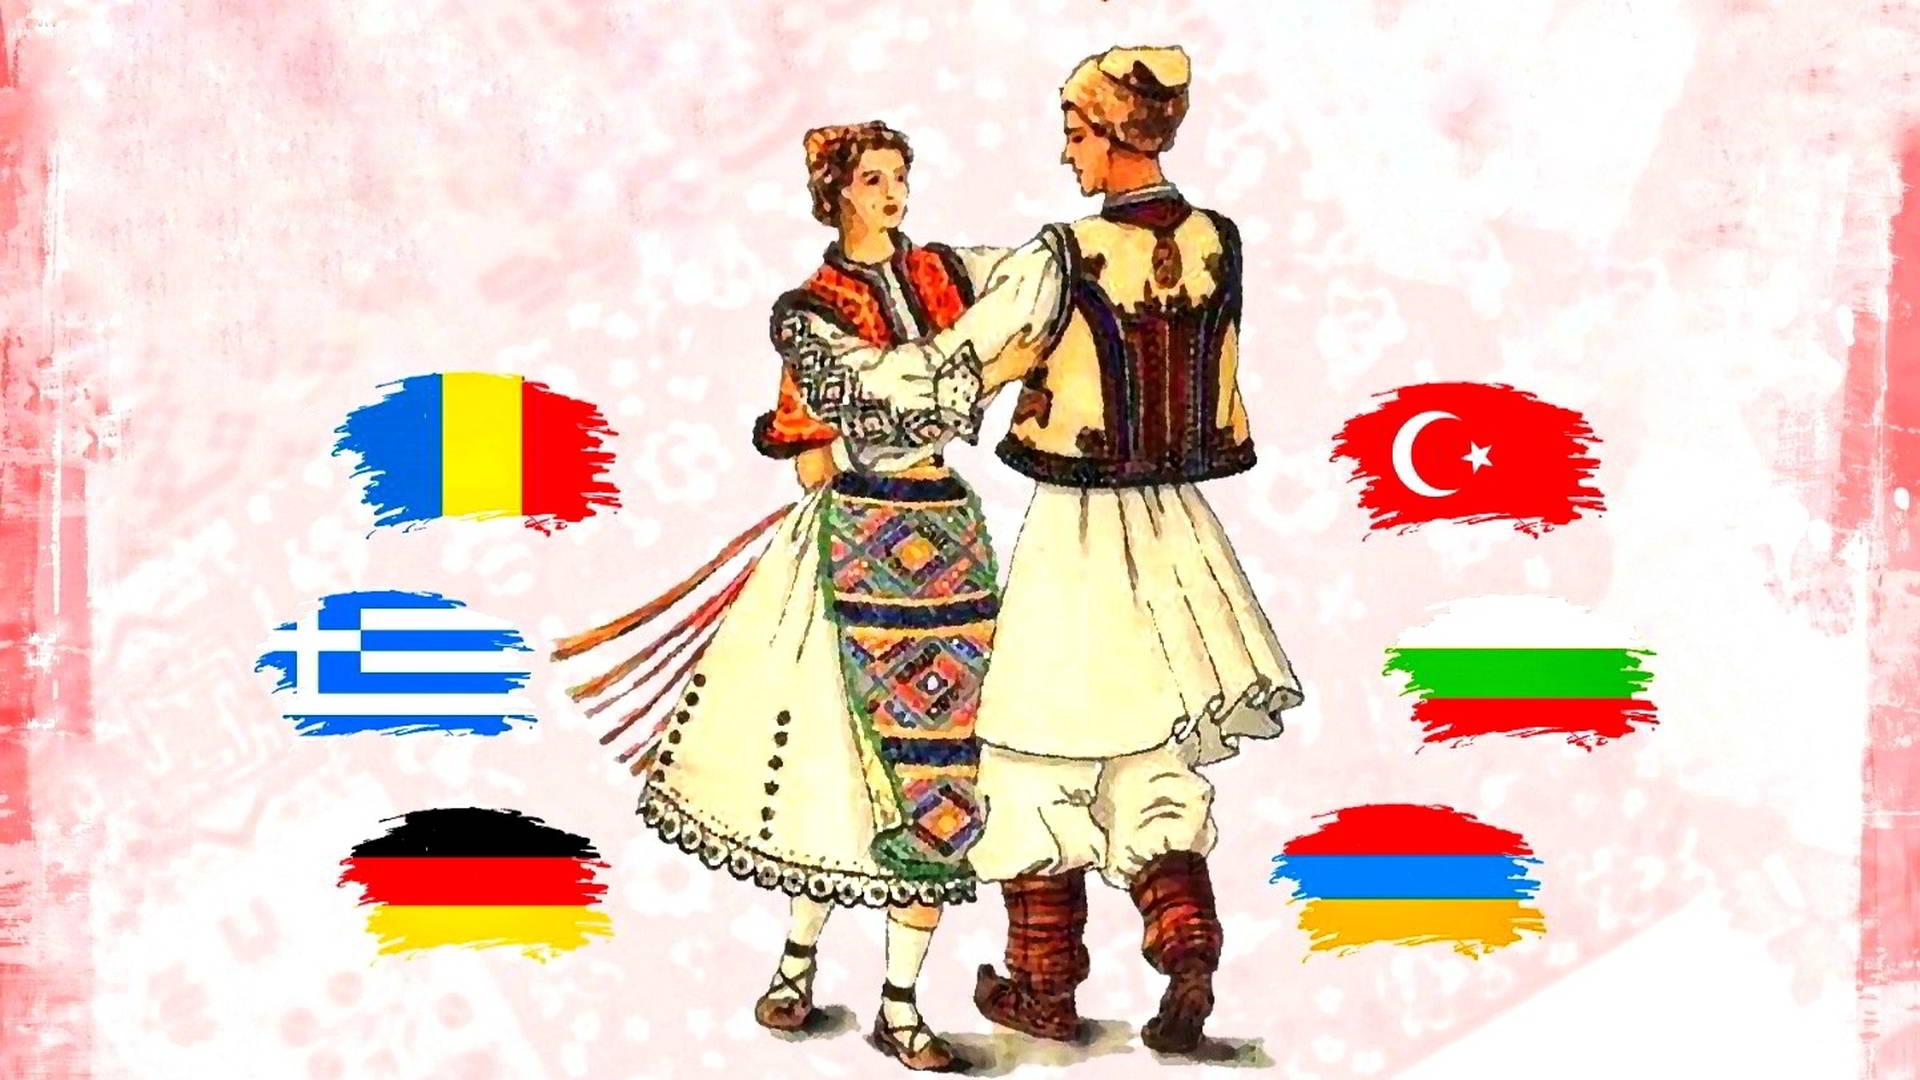 Festivalul de dansuri tradiționale ale etniilor din Dobrogea, un spectacol de excepție în orașul Ovidiu